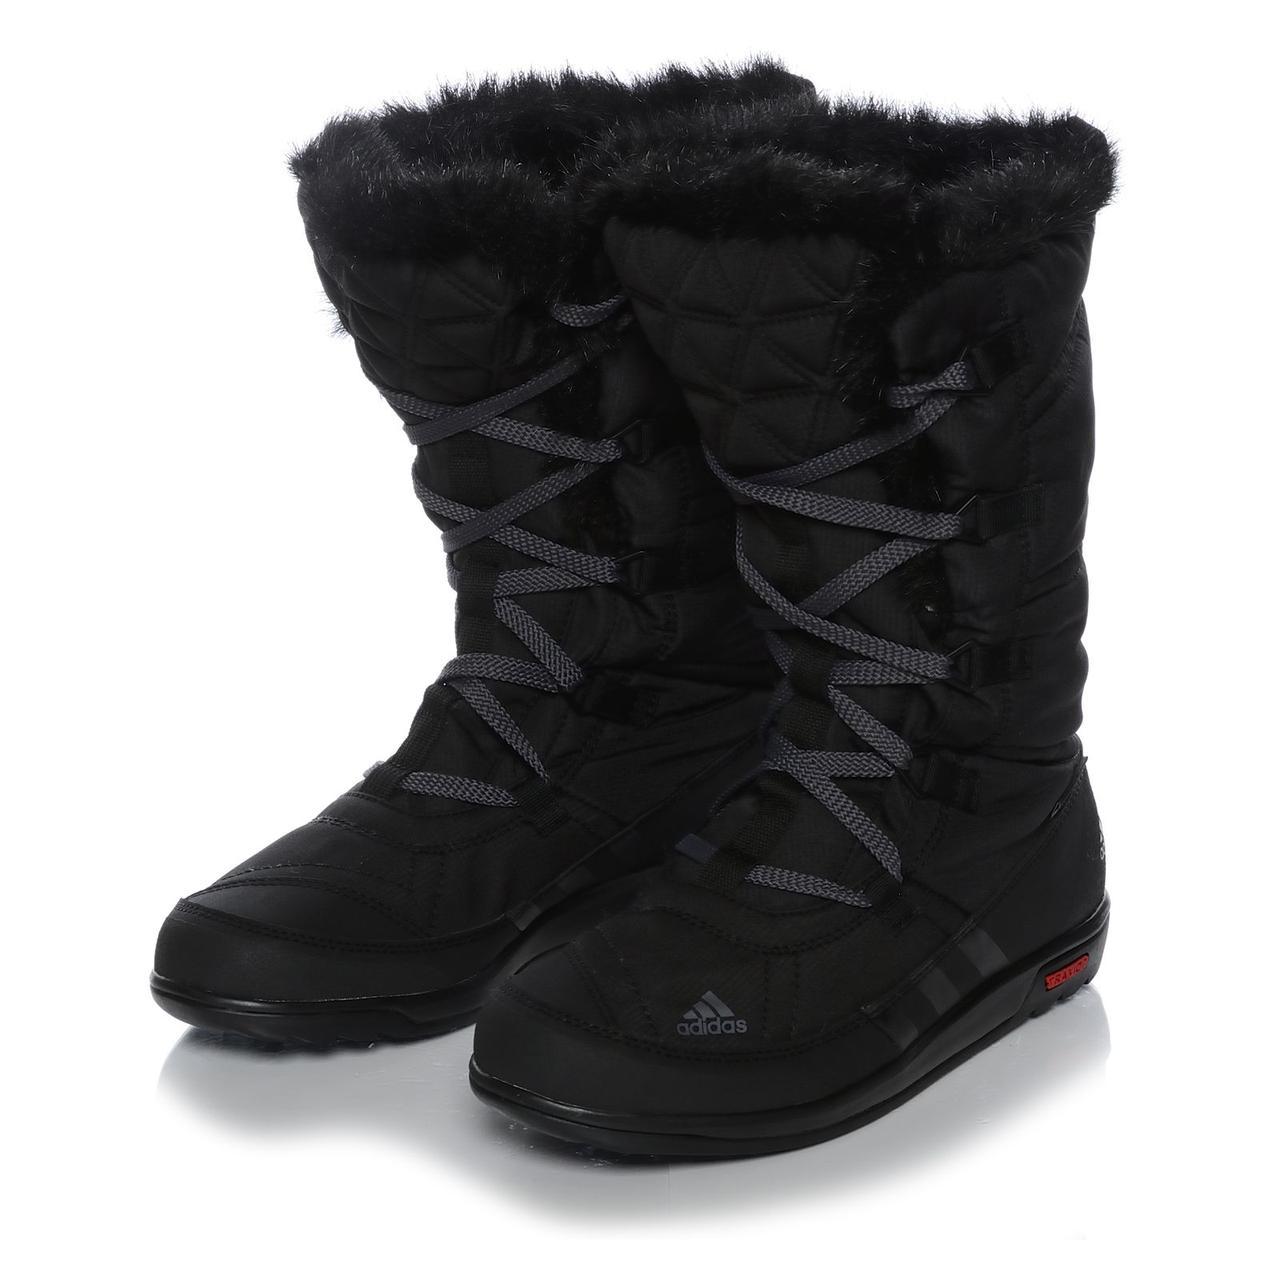 Сапоги женские Adidas в Украине. Сравнить цены, купить ... 243fbd257bc